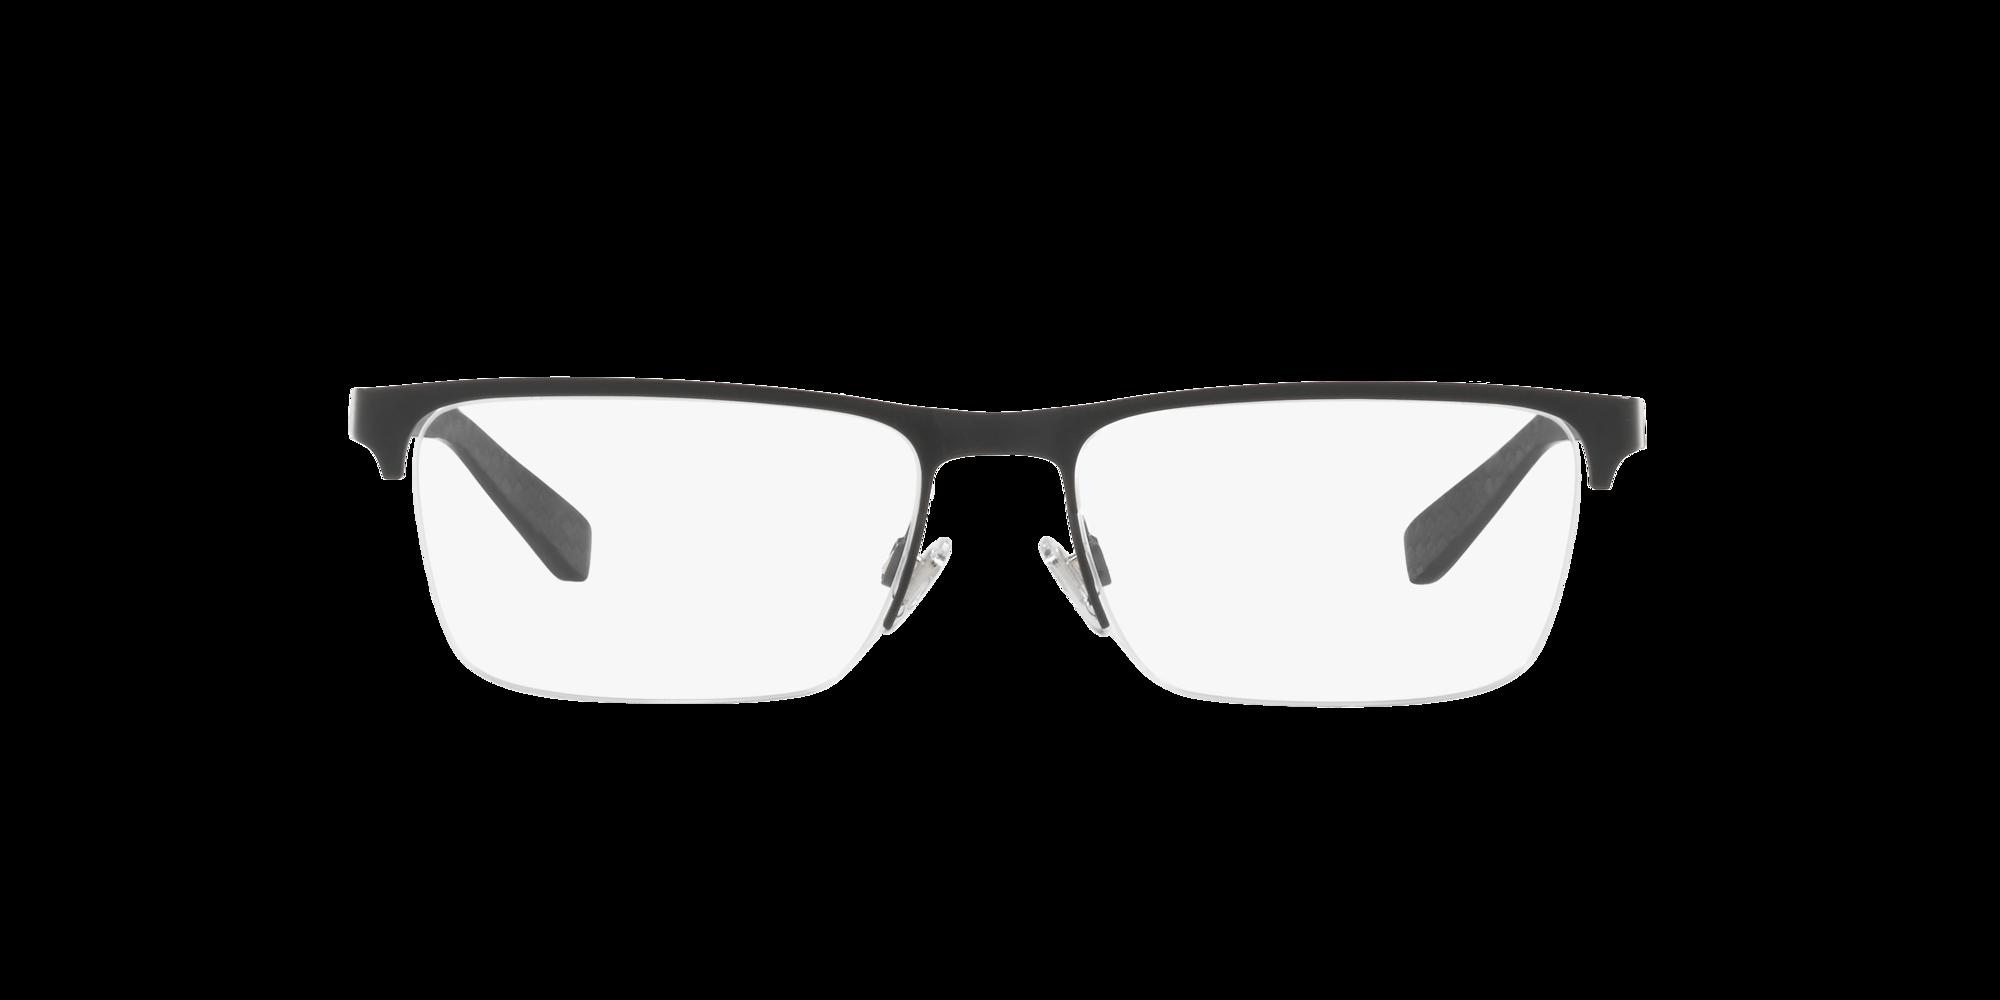 Imagen para RL5098 de LensCrafters    Espejuelos, espejuelos graduados en línea, gafas